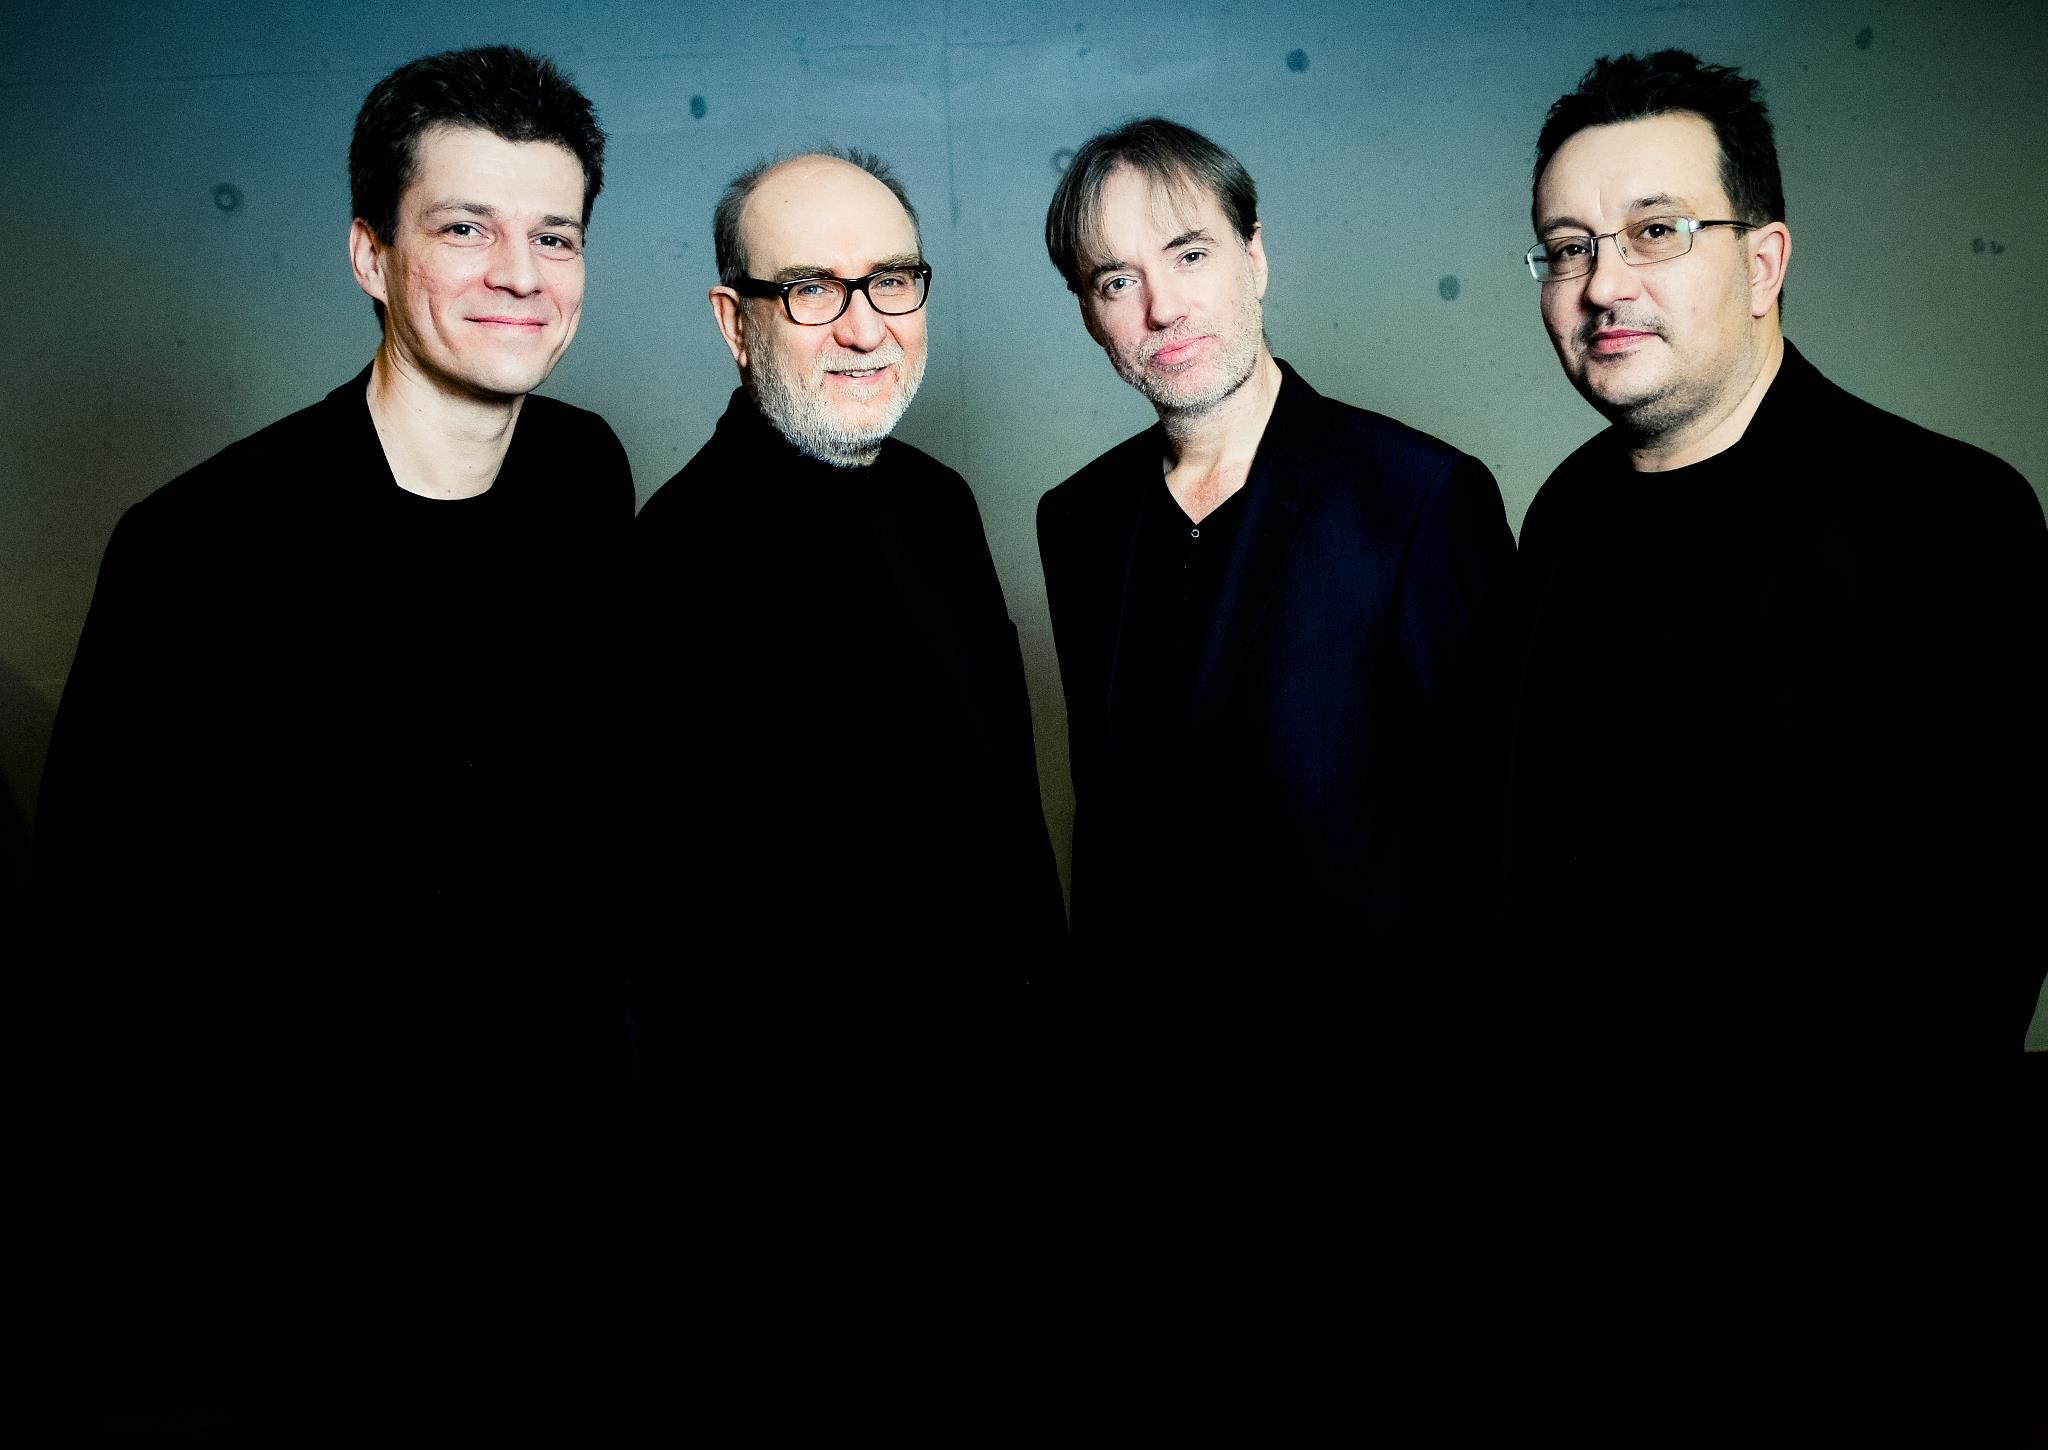 czterech muzyków w czerni